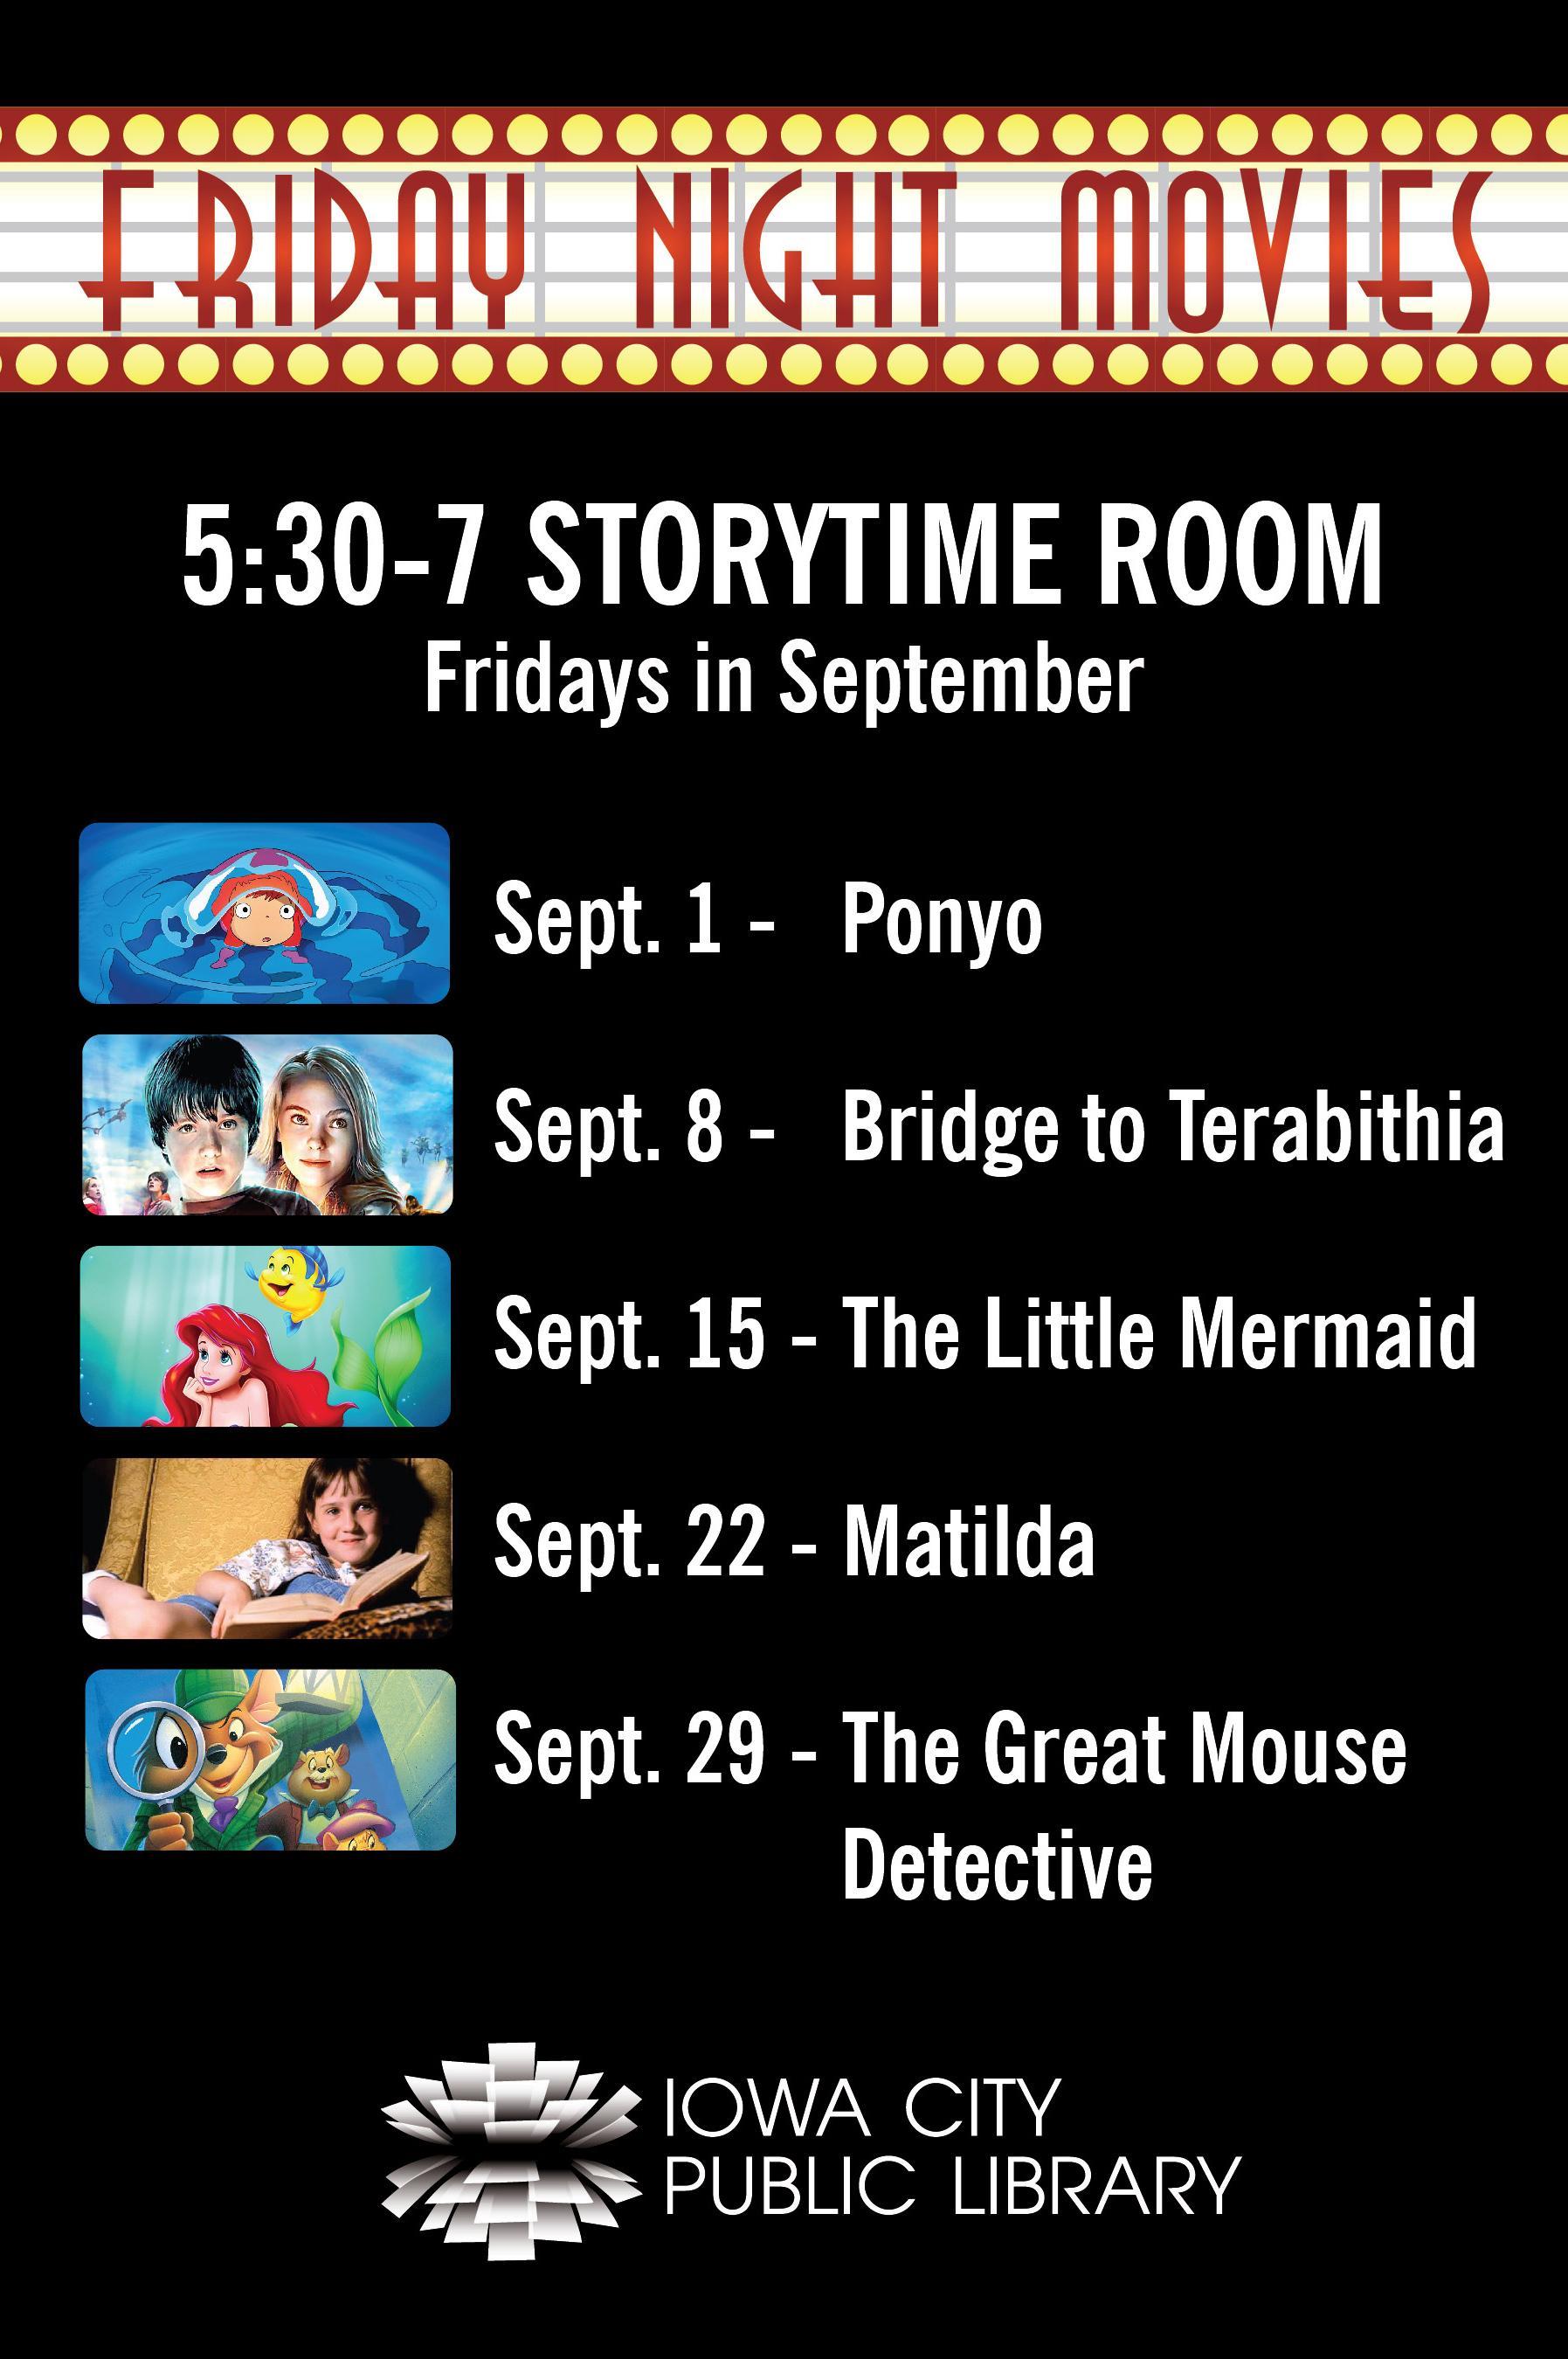 Friday Night Movies (Sept. 2017)